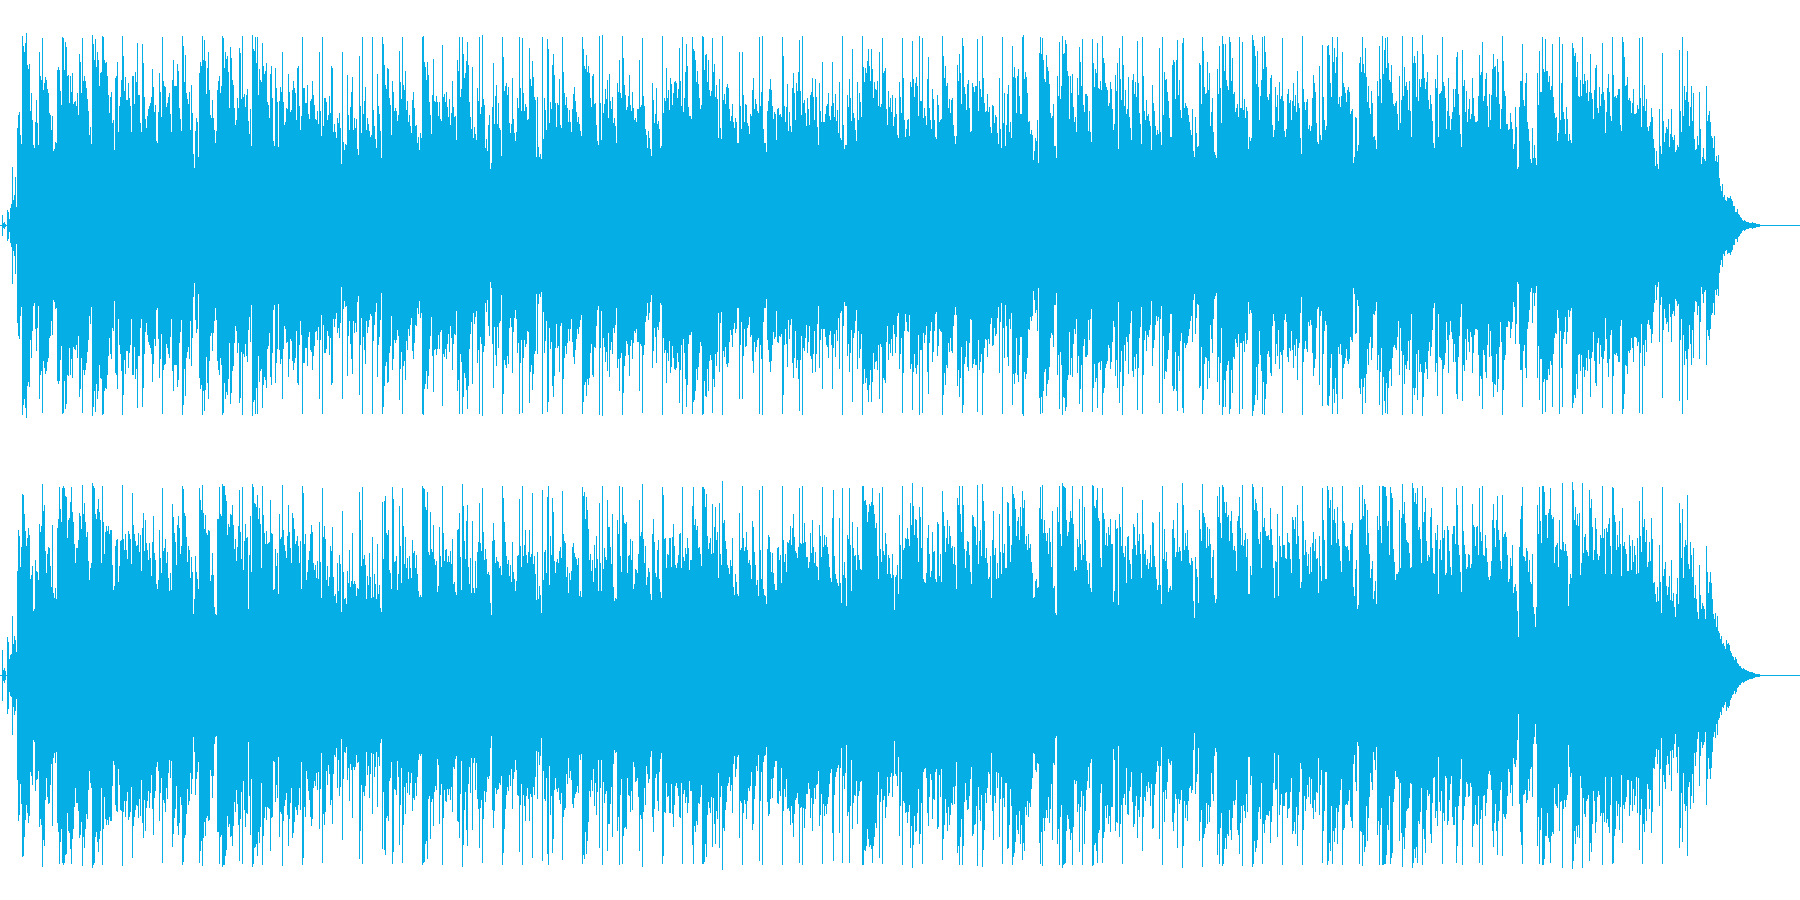 落ち着いた大人な雰囲気の癒しBGMの再生済みの波形